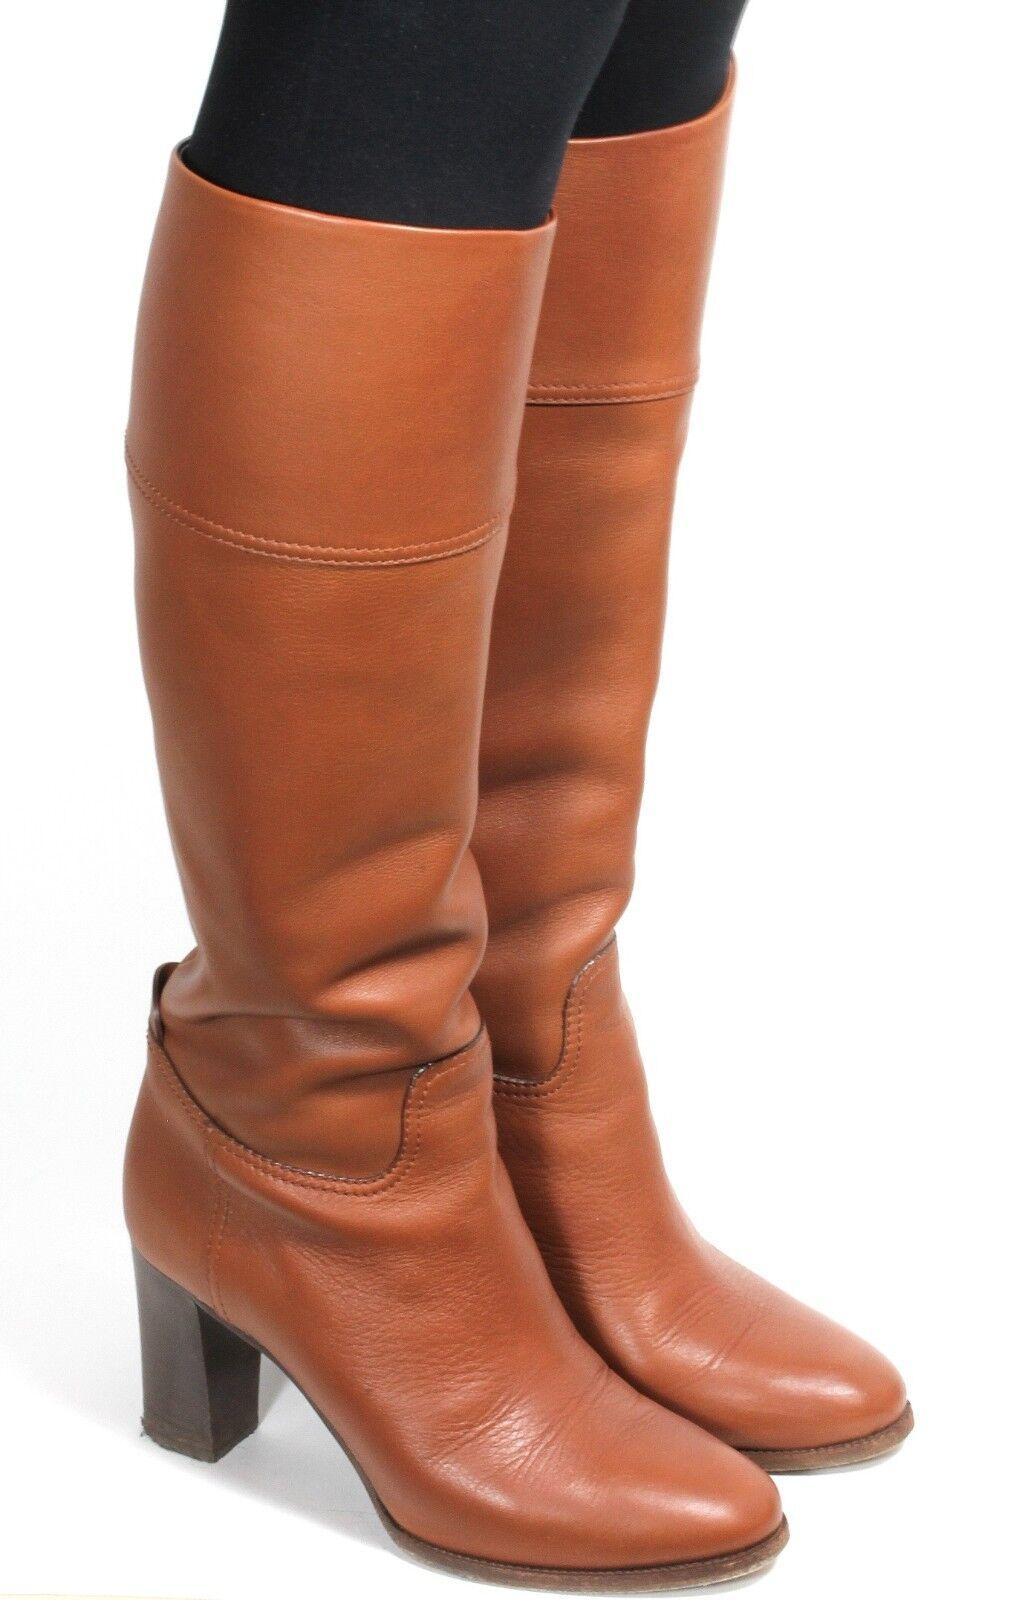 Damenstiefel Vintage Stiefel Hipster Luxus High Heels Cognac Ralph Lauren 38,5